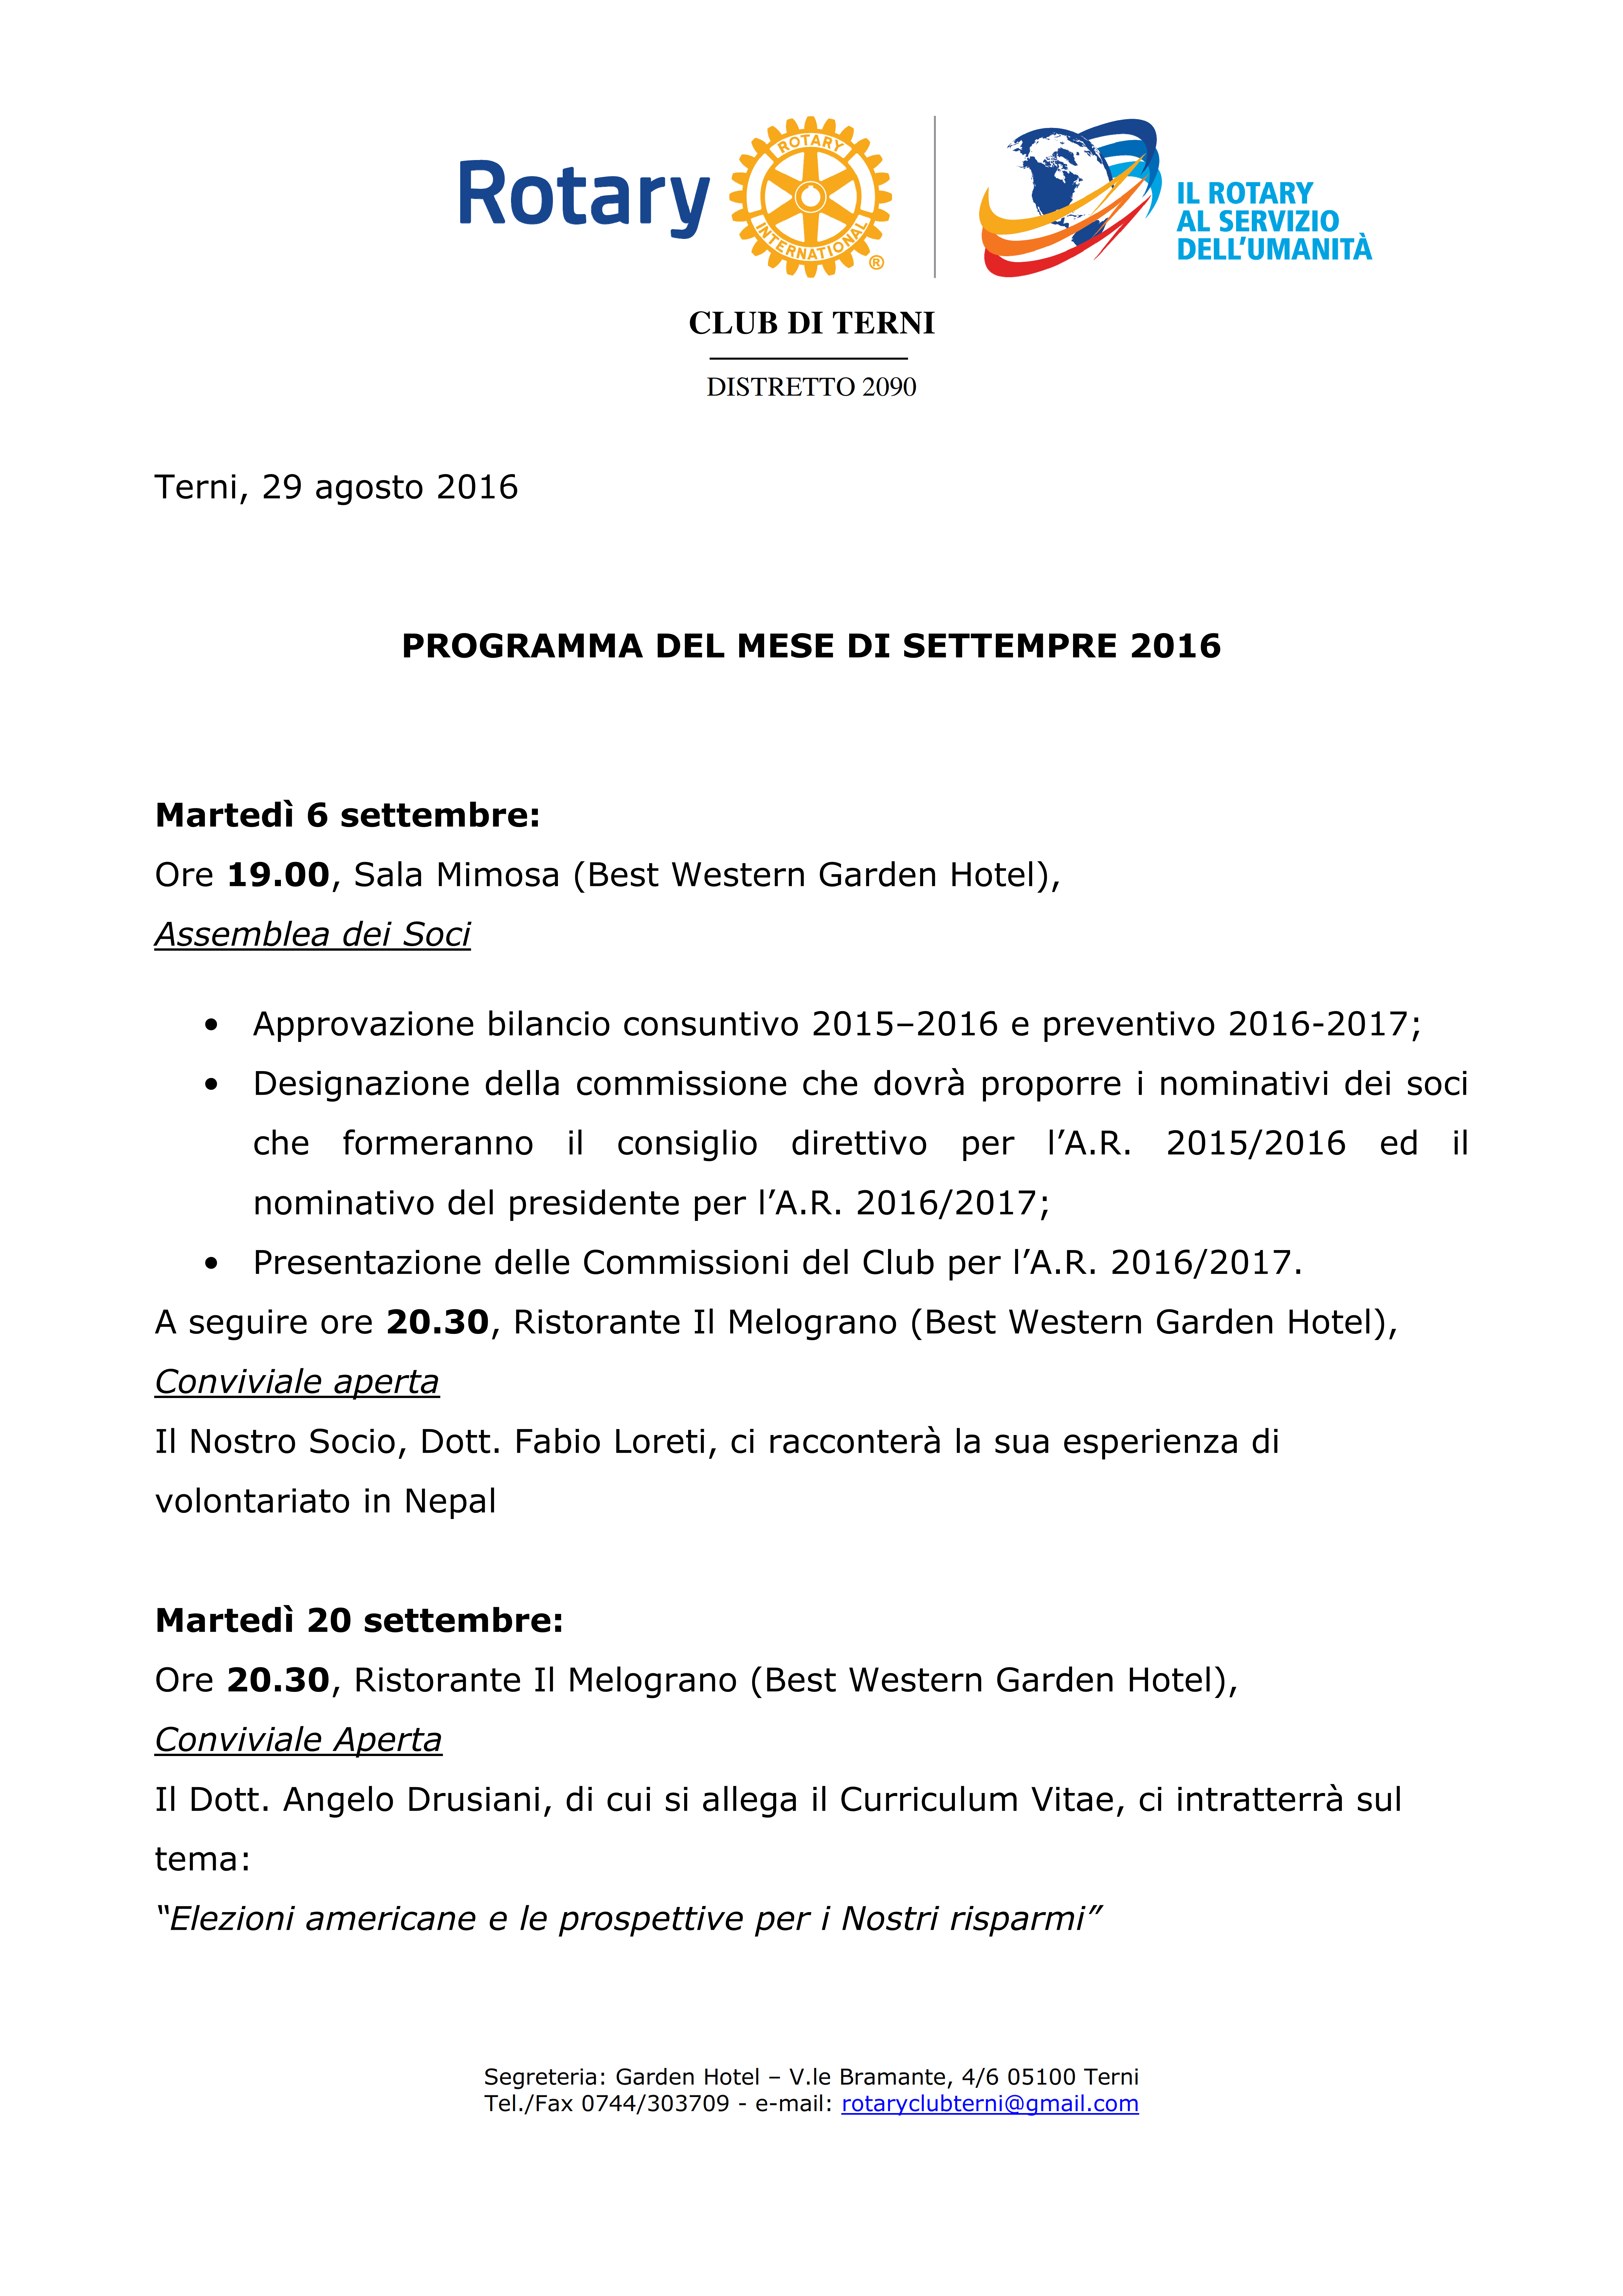 Rotary Club Terni - Programma Settembre 2016_001